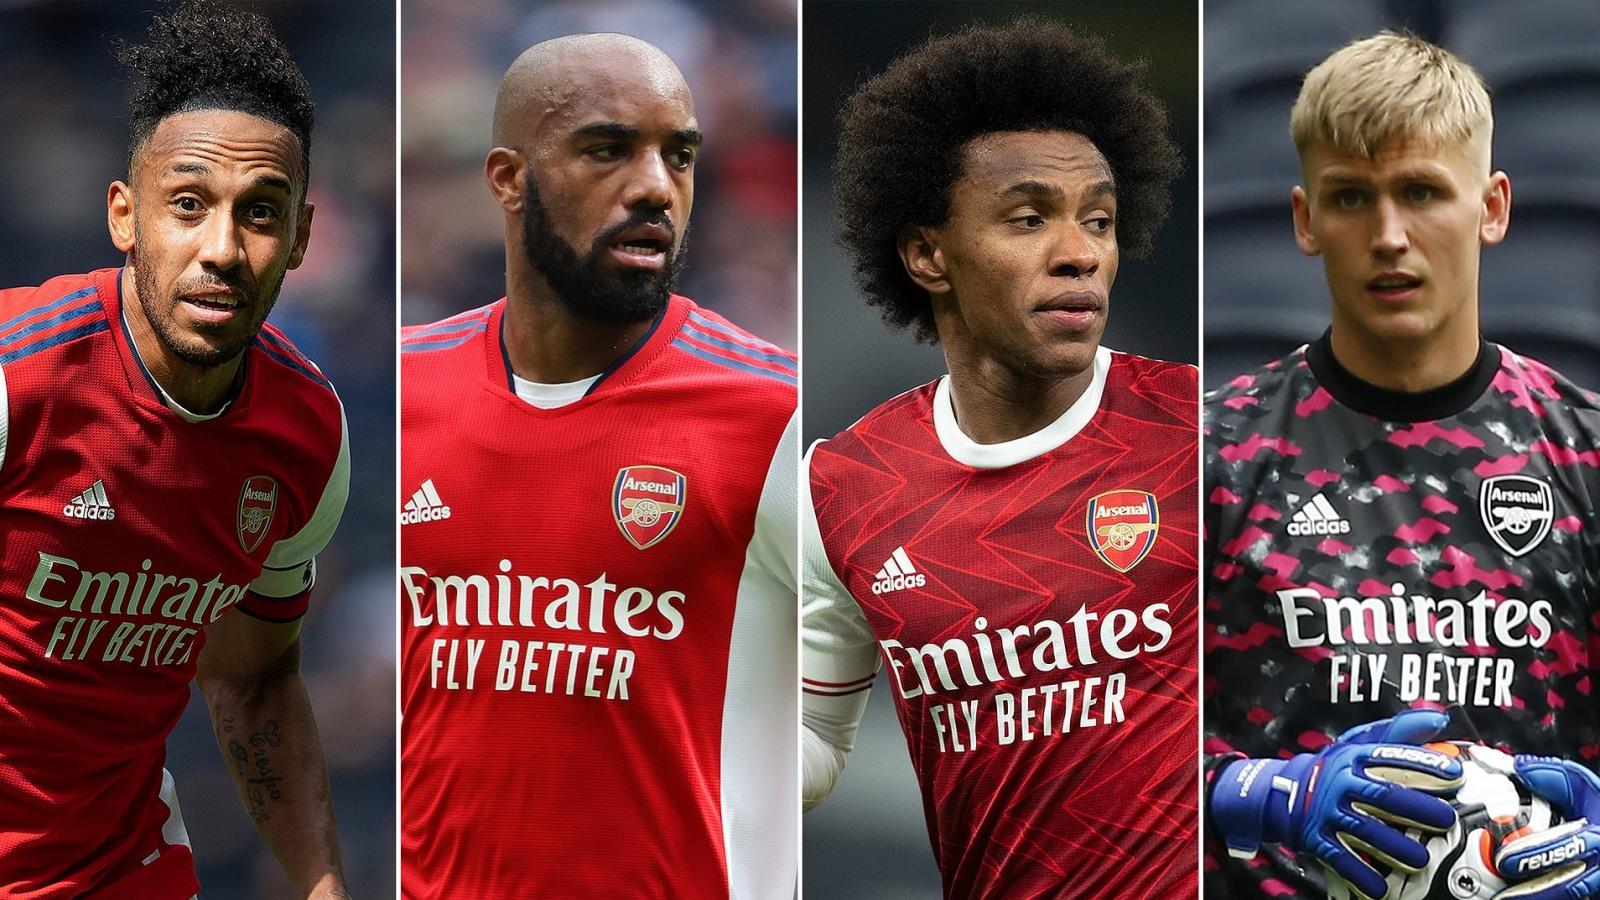 Arsenal xác nhận danh tính 4 ngôi sao mắc Covid-19